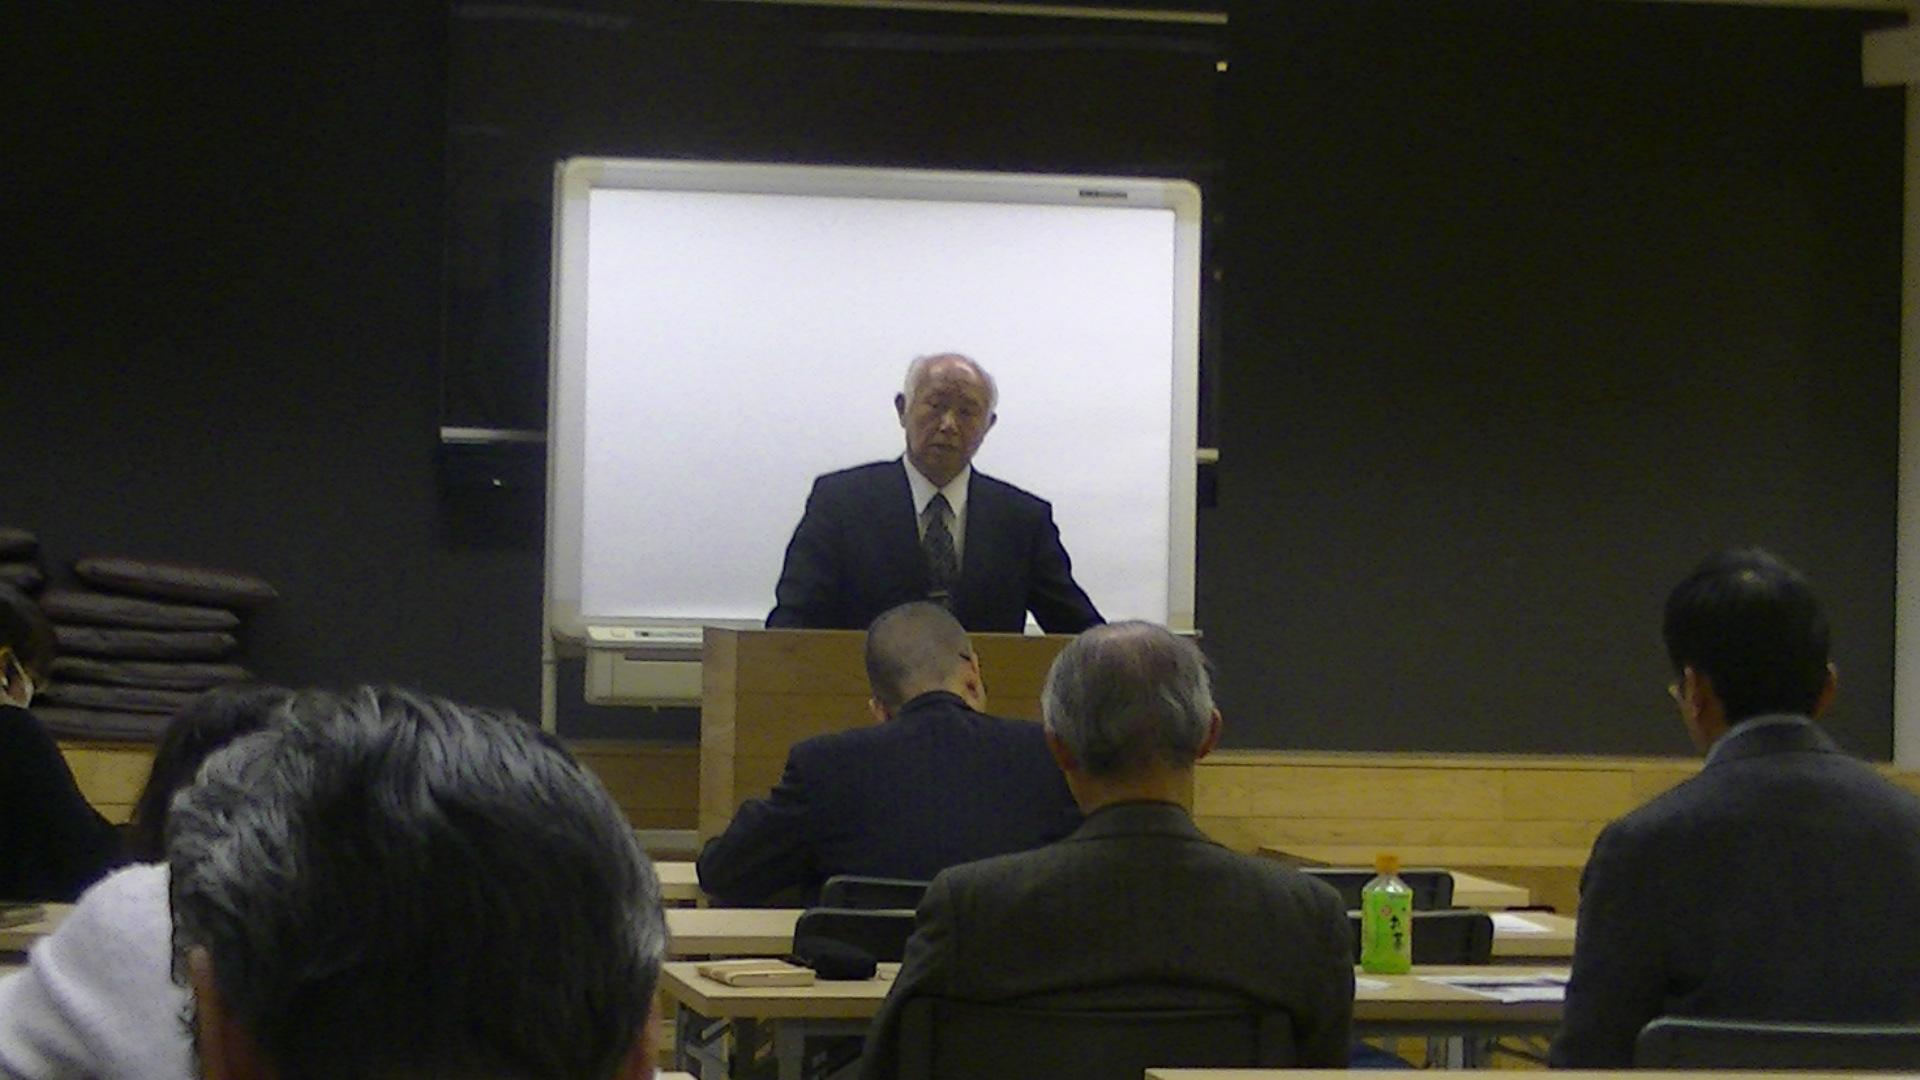 PIC 0095 - 平成30年度 東京思風塾 4月7日(土)「時代が問題をつくり、問題が人物をつくる」